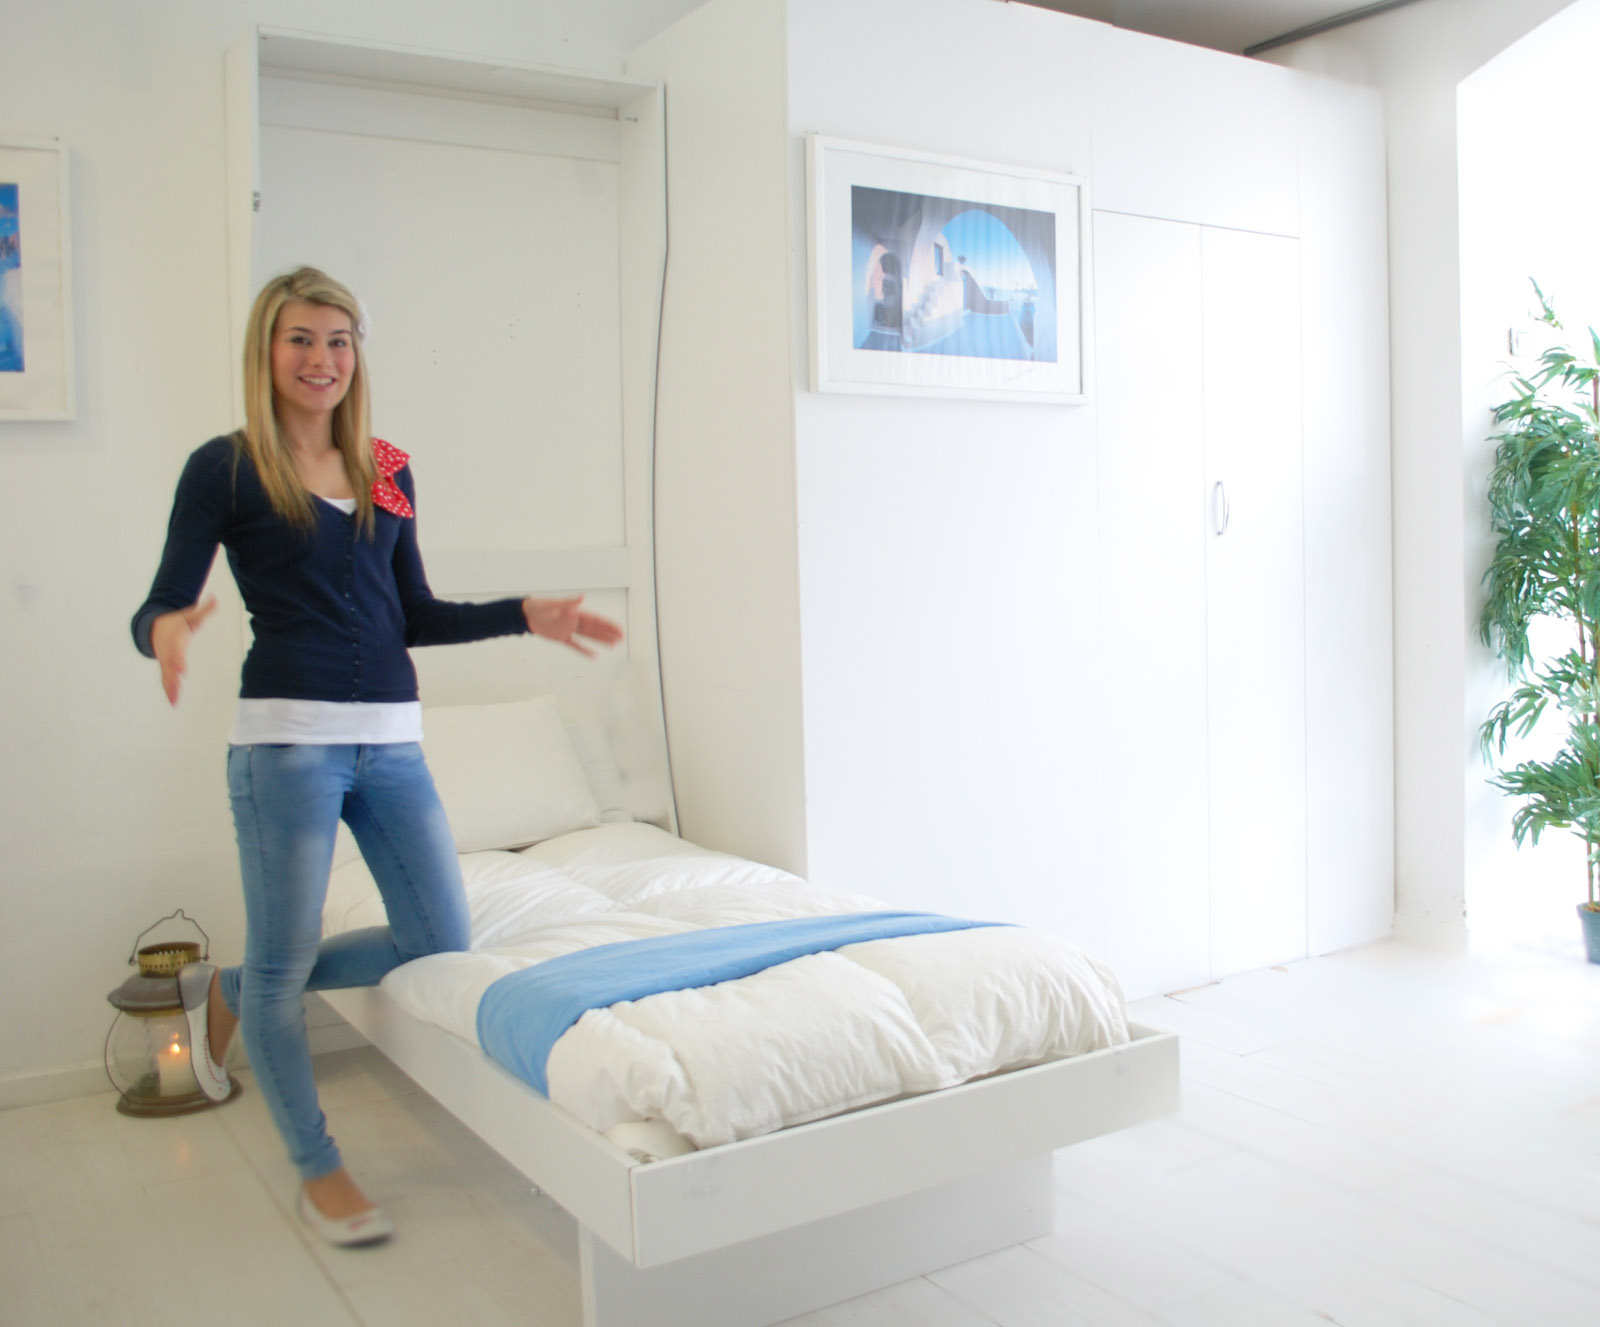 Letto a parete singolo appendiabiti bed vivilospazio mobili trasformabili - Letto a parete a scomparsa ...